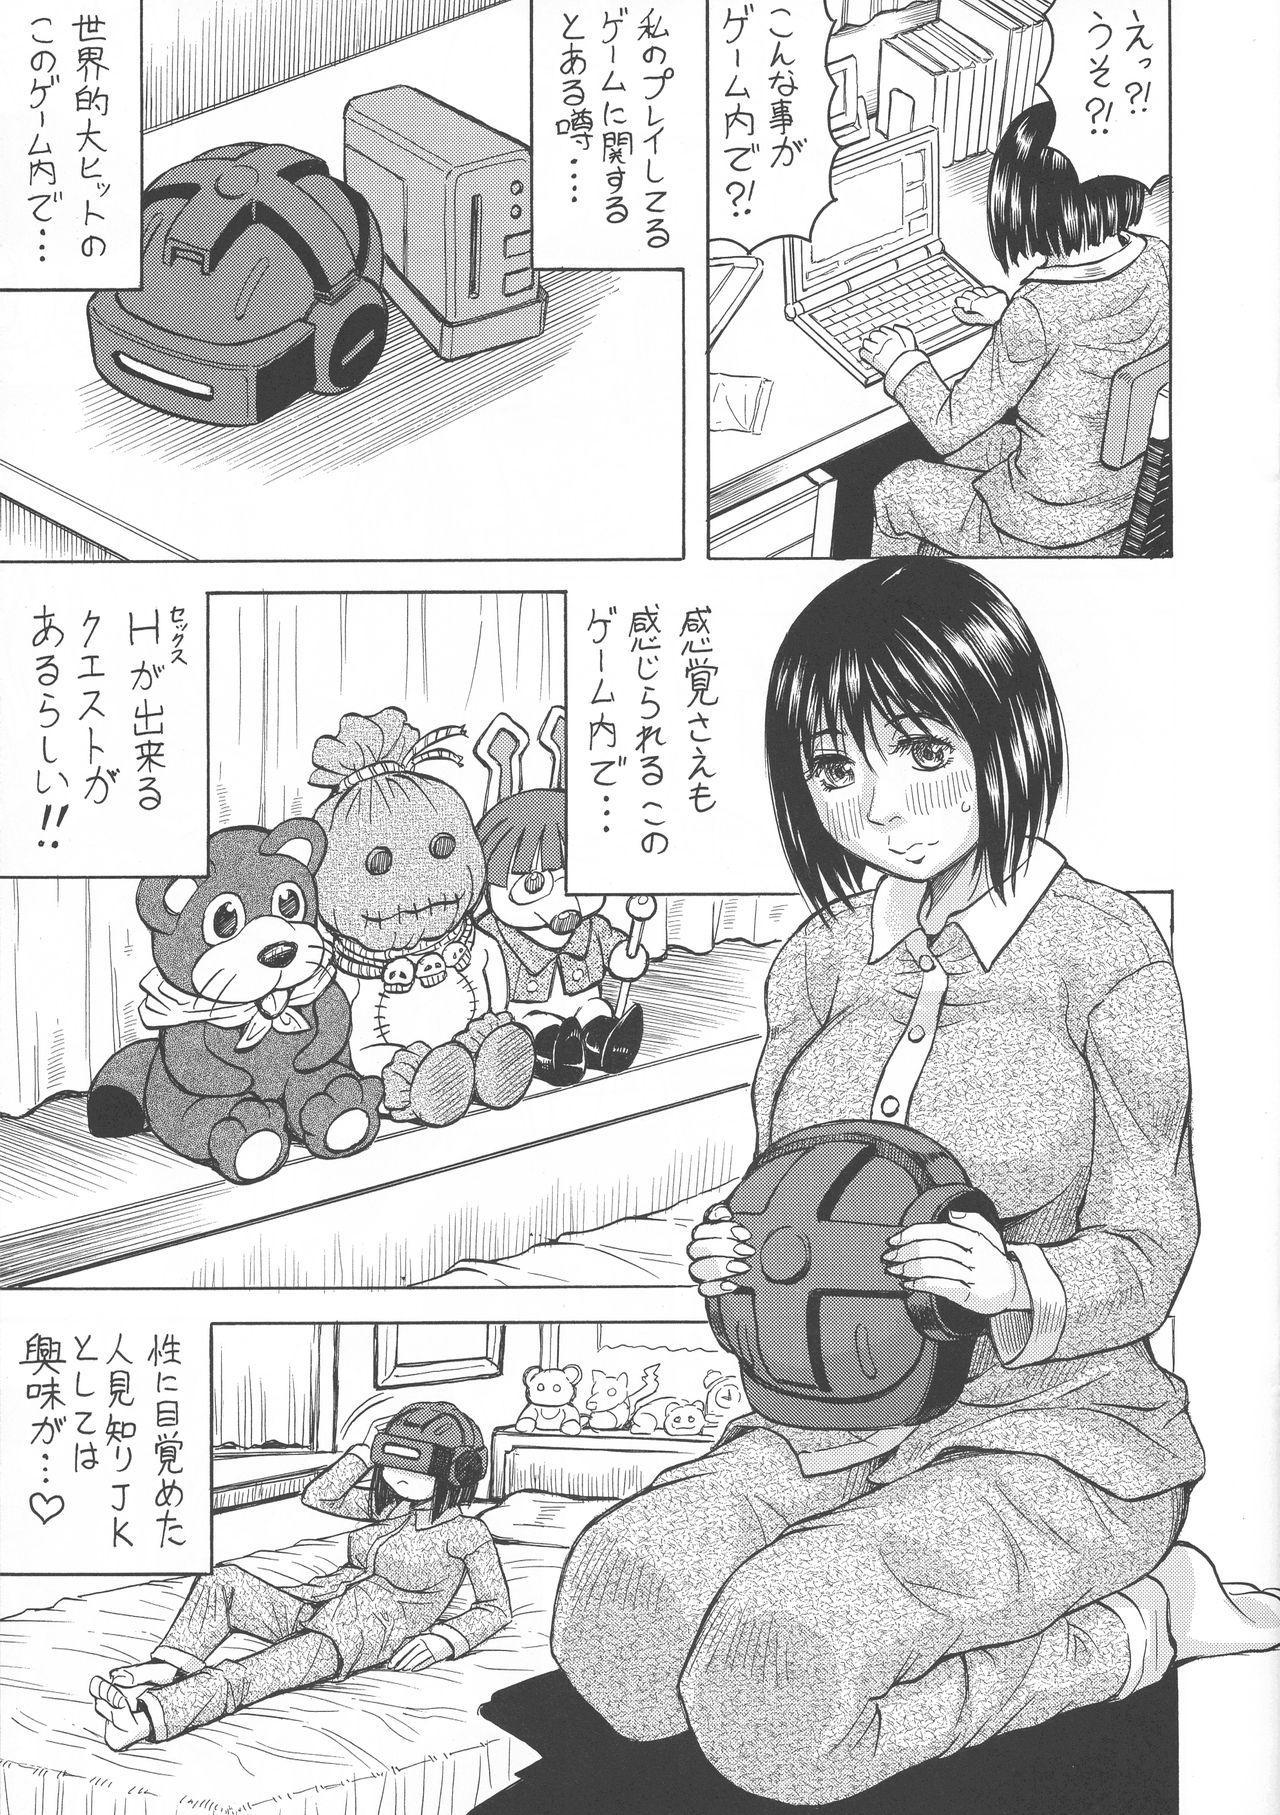 Game de Ecchi na Elf Seikatsu 2